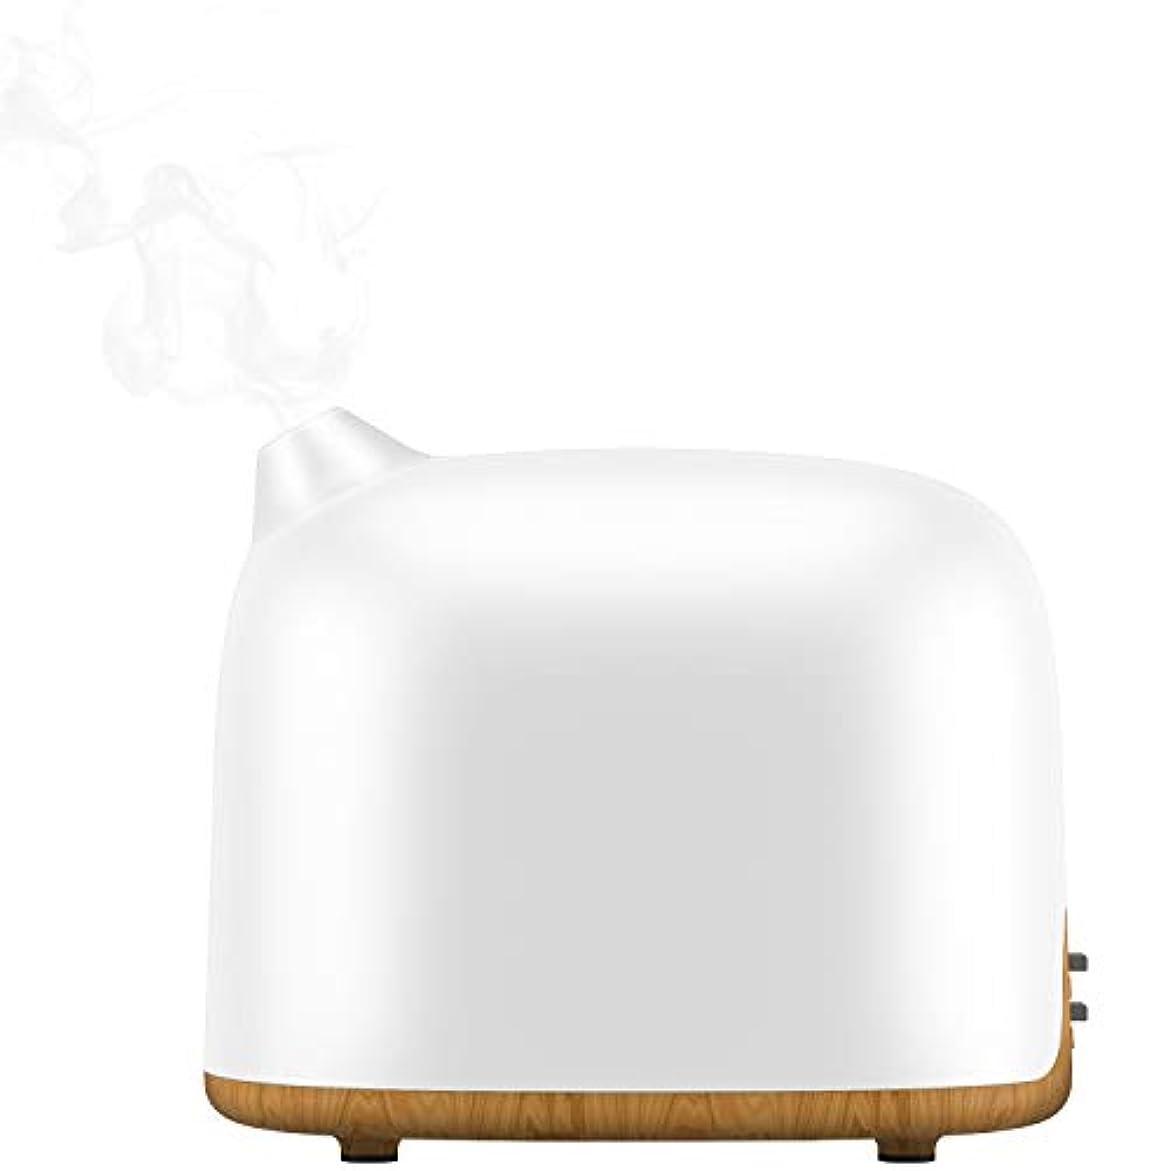 予言するいろいろ三[令和最新版]スマートアロマディフューザー MILcea スマホ連動 超音波アロマ加湿器 ミスト2段階調節 14色LEDライト変換 時間設定 静音 省エネ 空焚き防止機能付き Amazon Echo/Google Home...